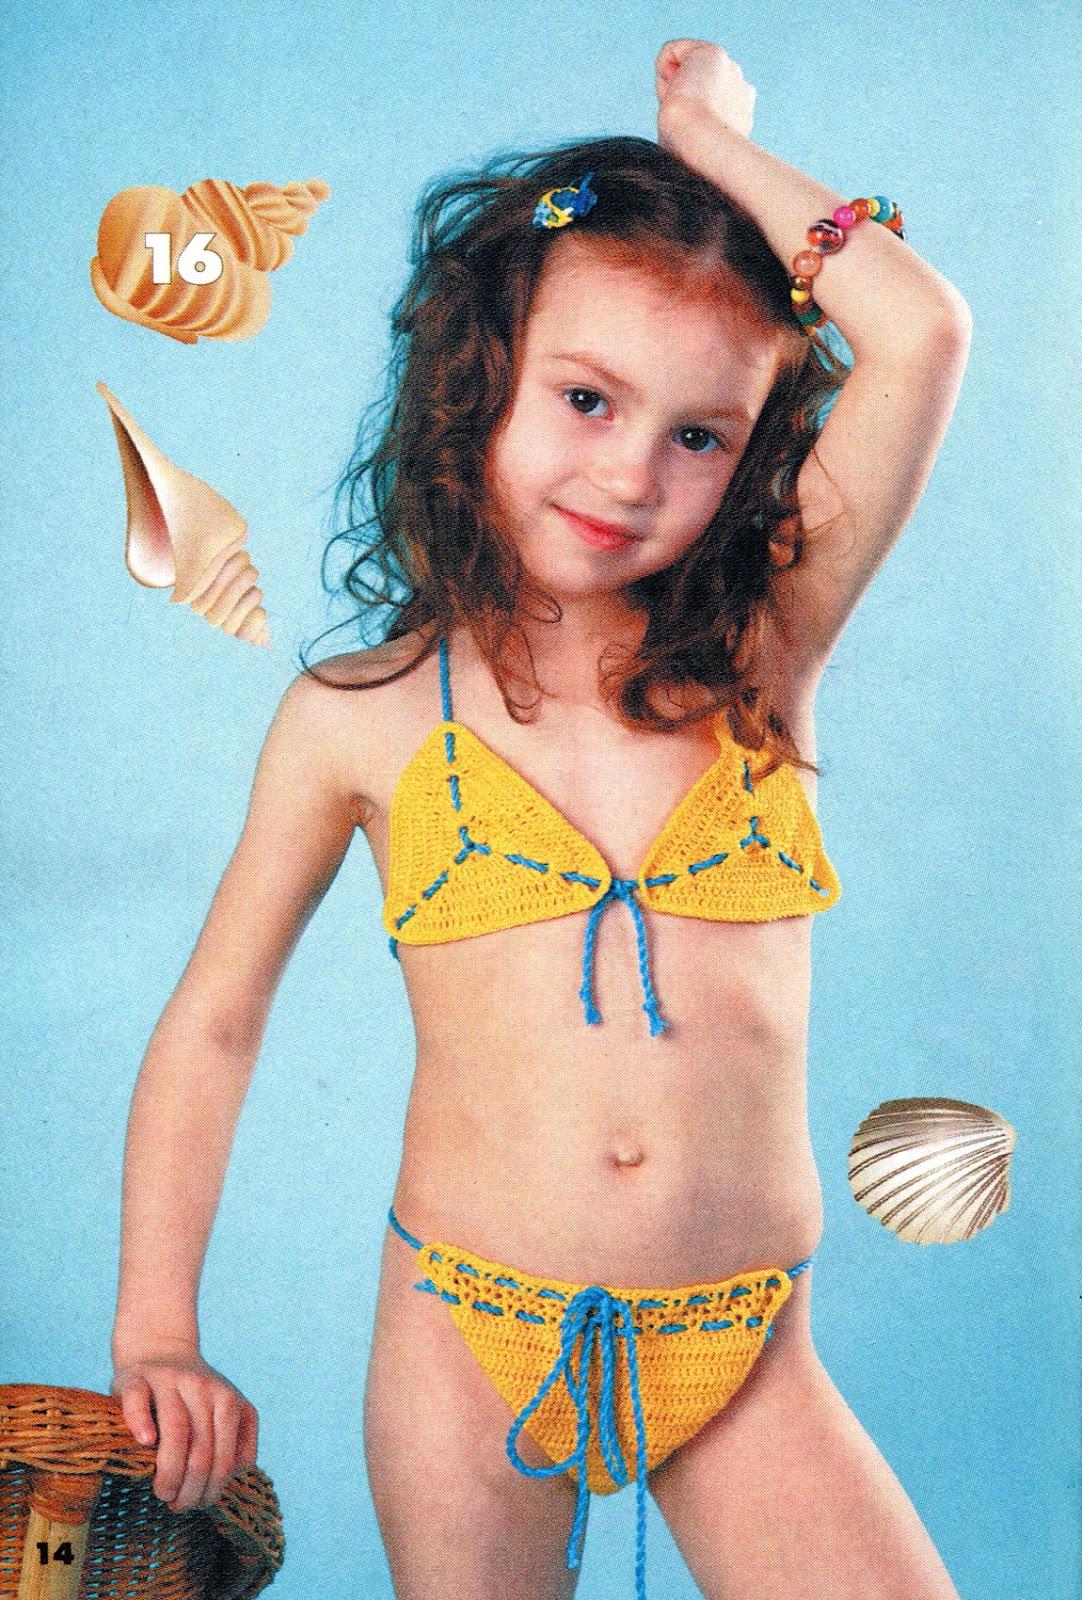 Фото для мальчиков голышом девочки 14 фотография